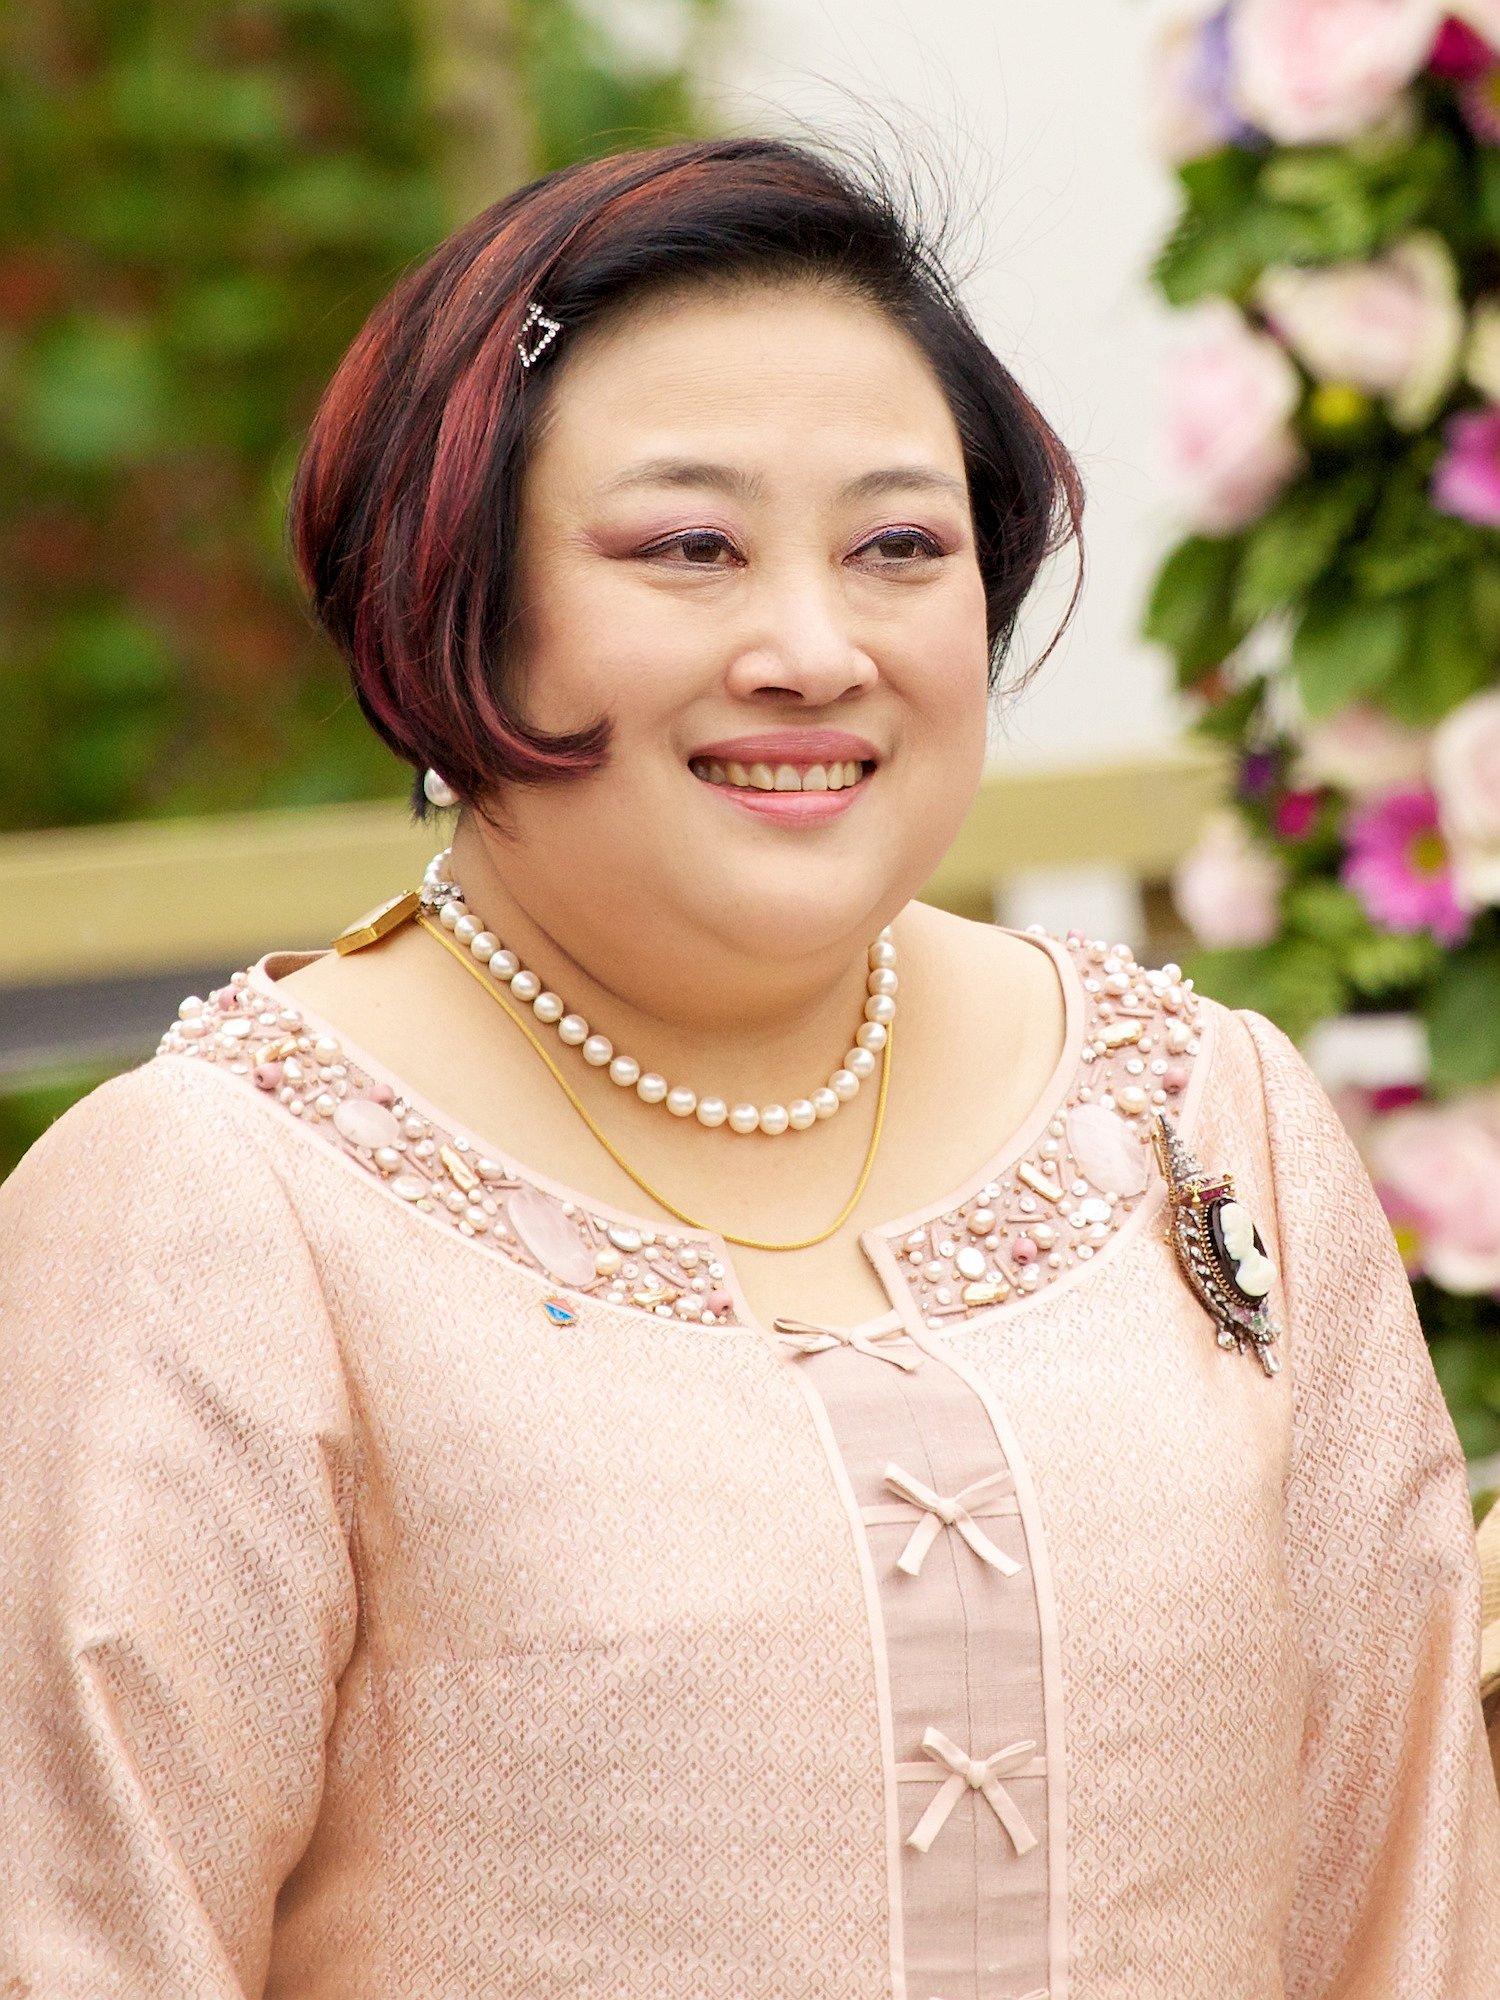 Verjaardagscadeautje van Thaise prinses: gratis PrEP